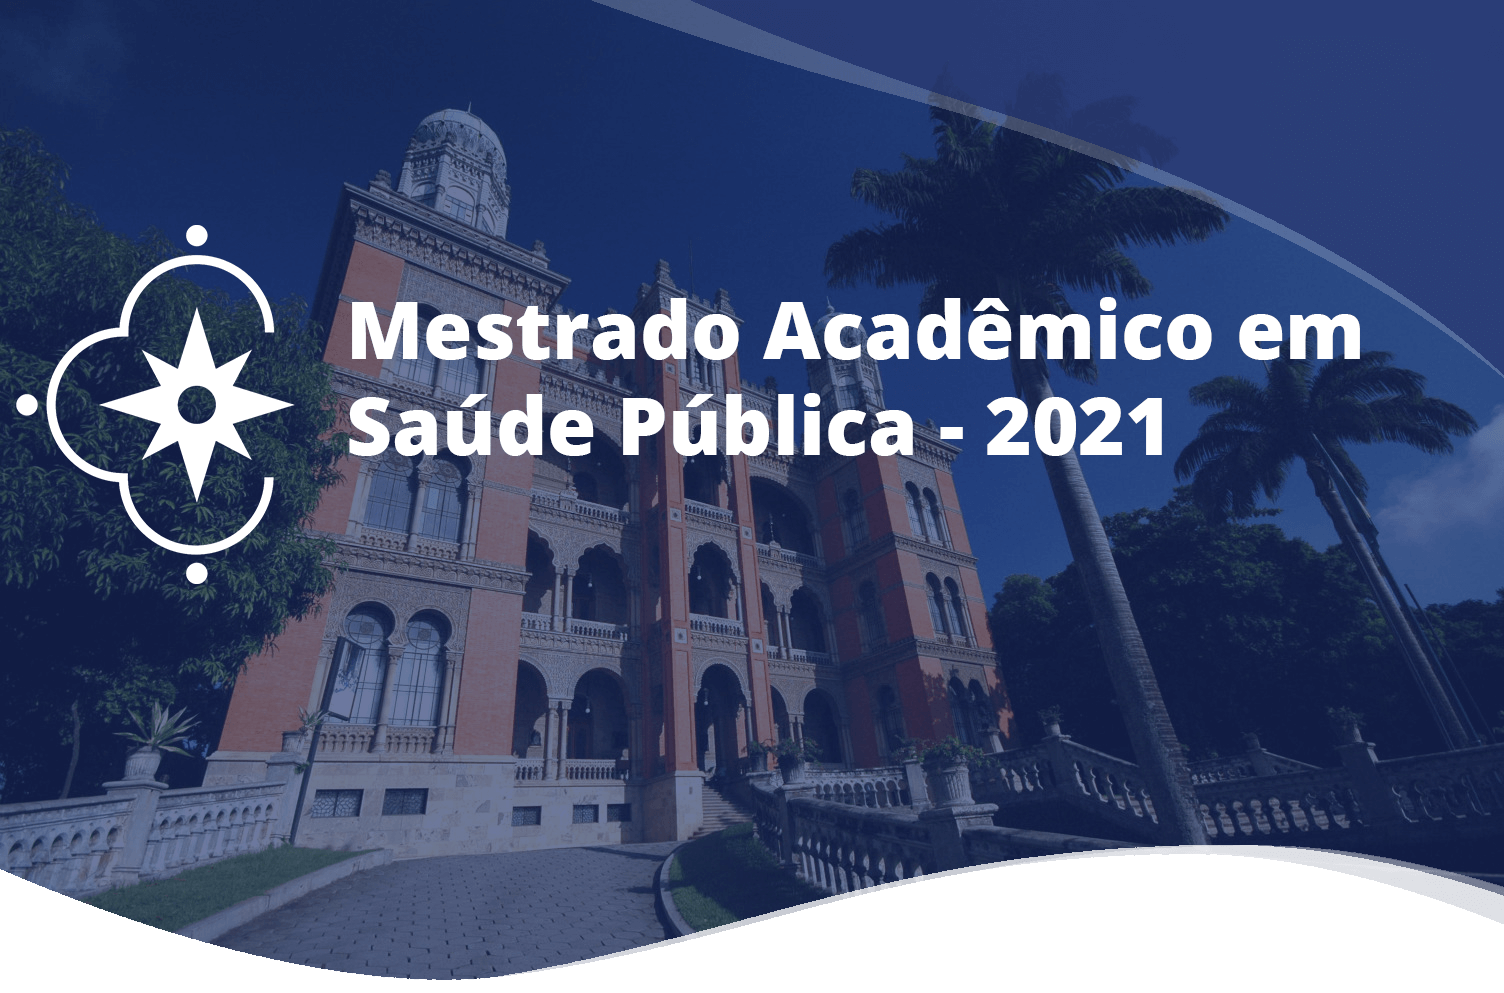 Mestrado Acadêmico em Saúde Pública - 2021